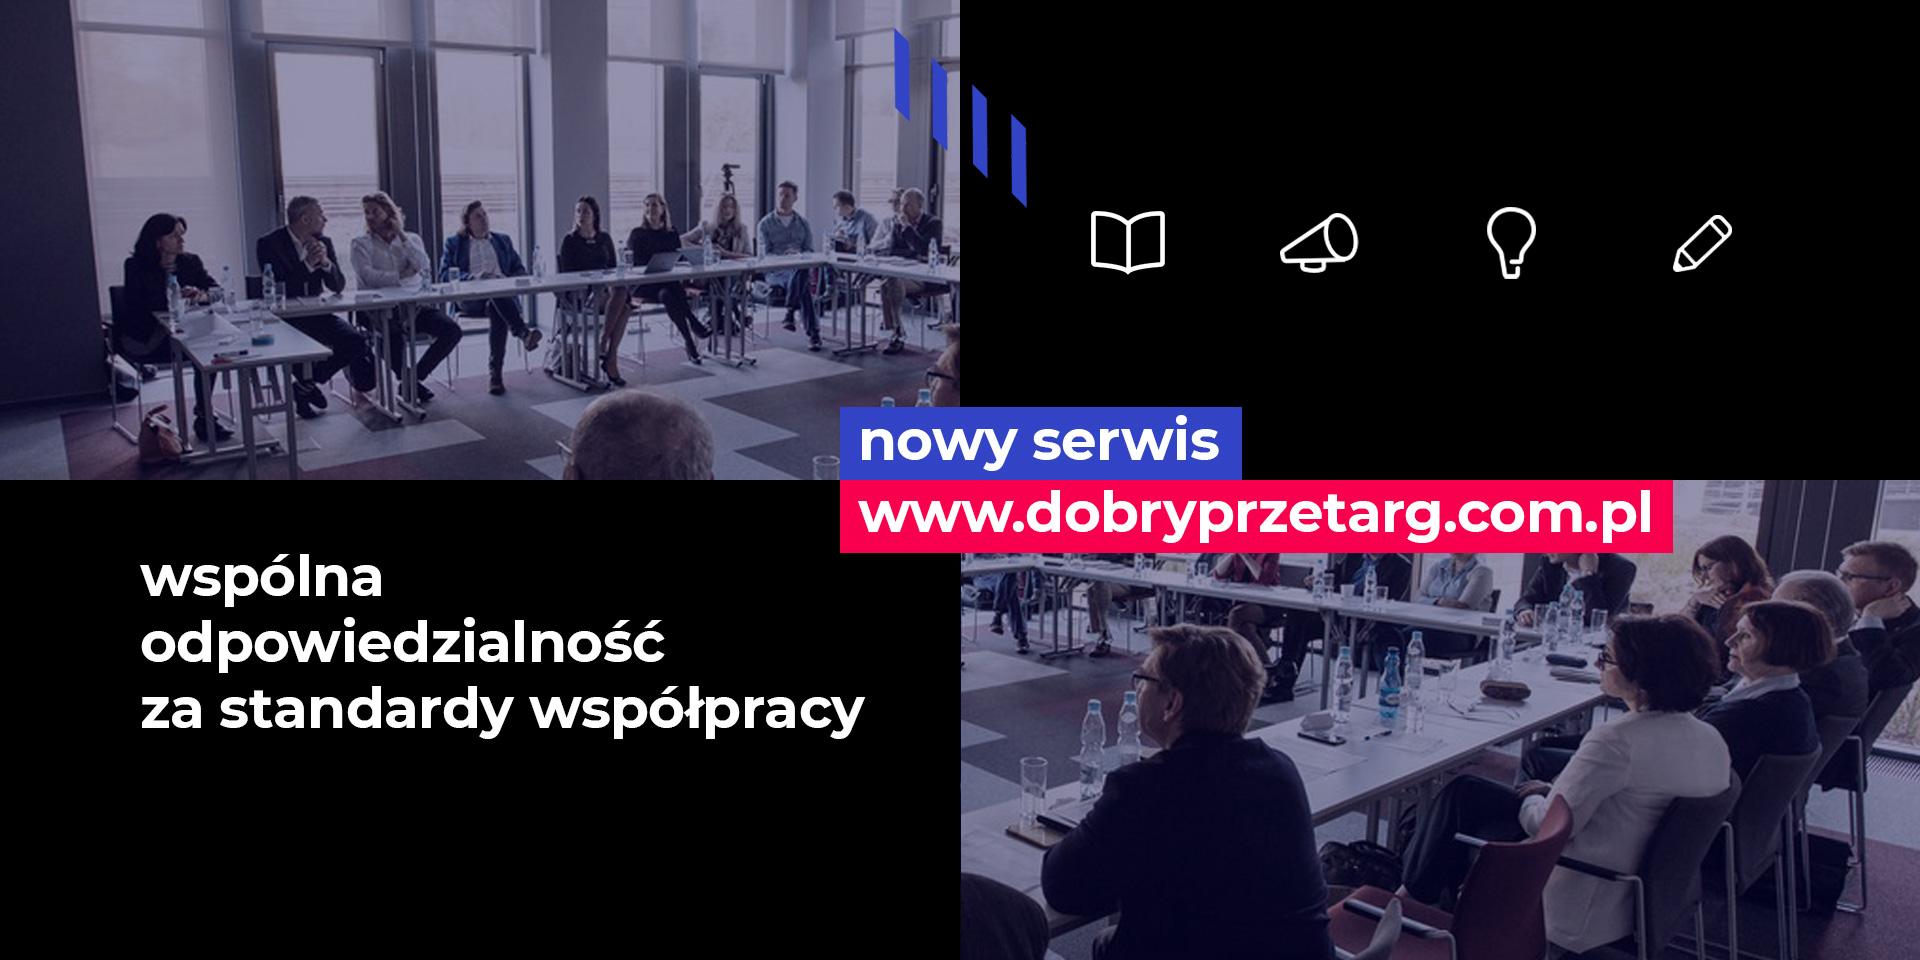 Dobry Przetarg ma nową stronę www, zapraszamy!